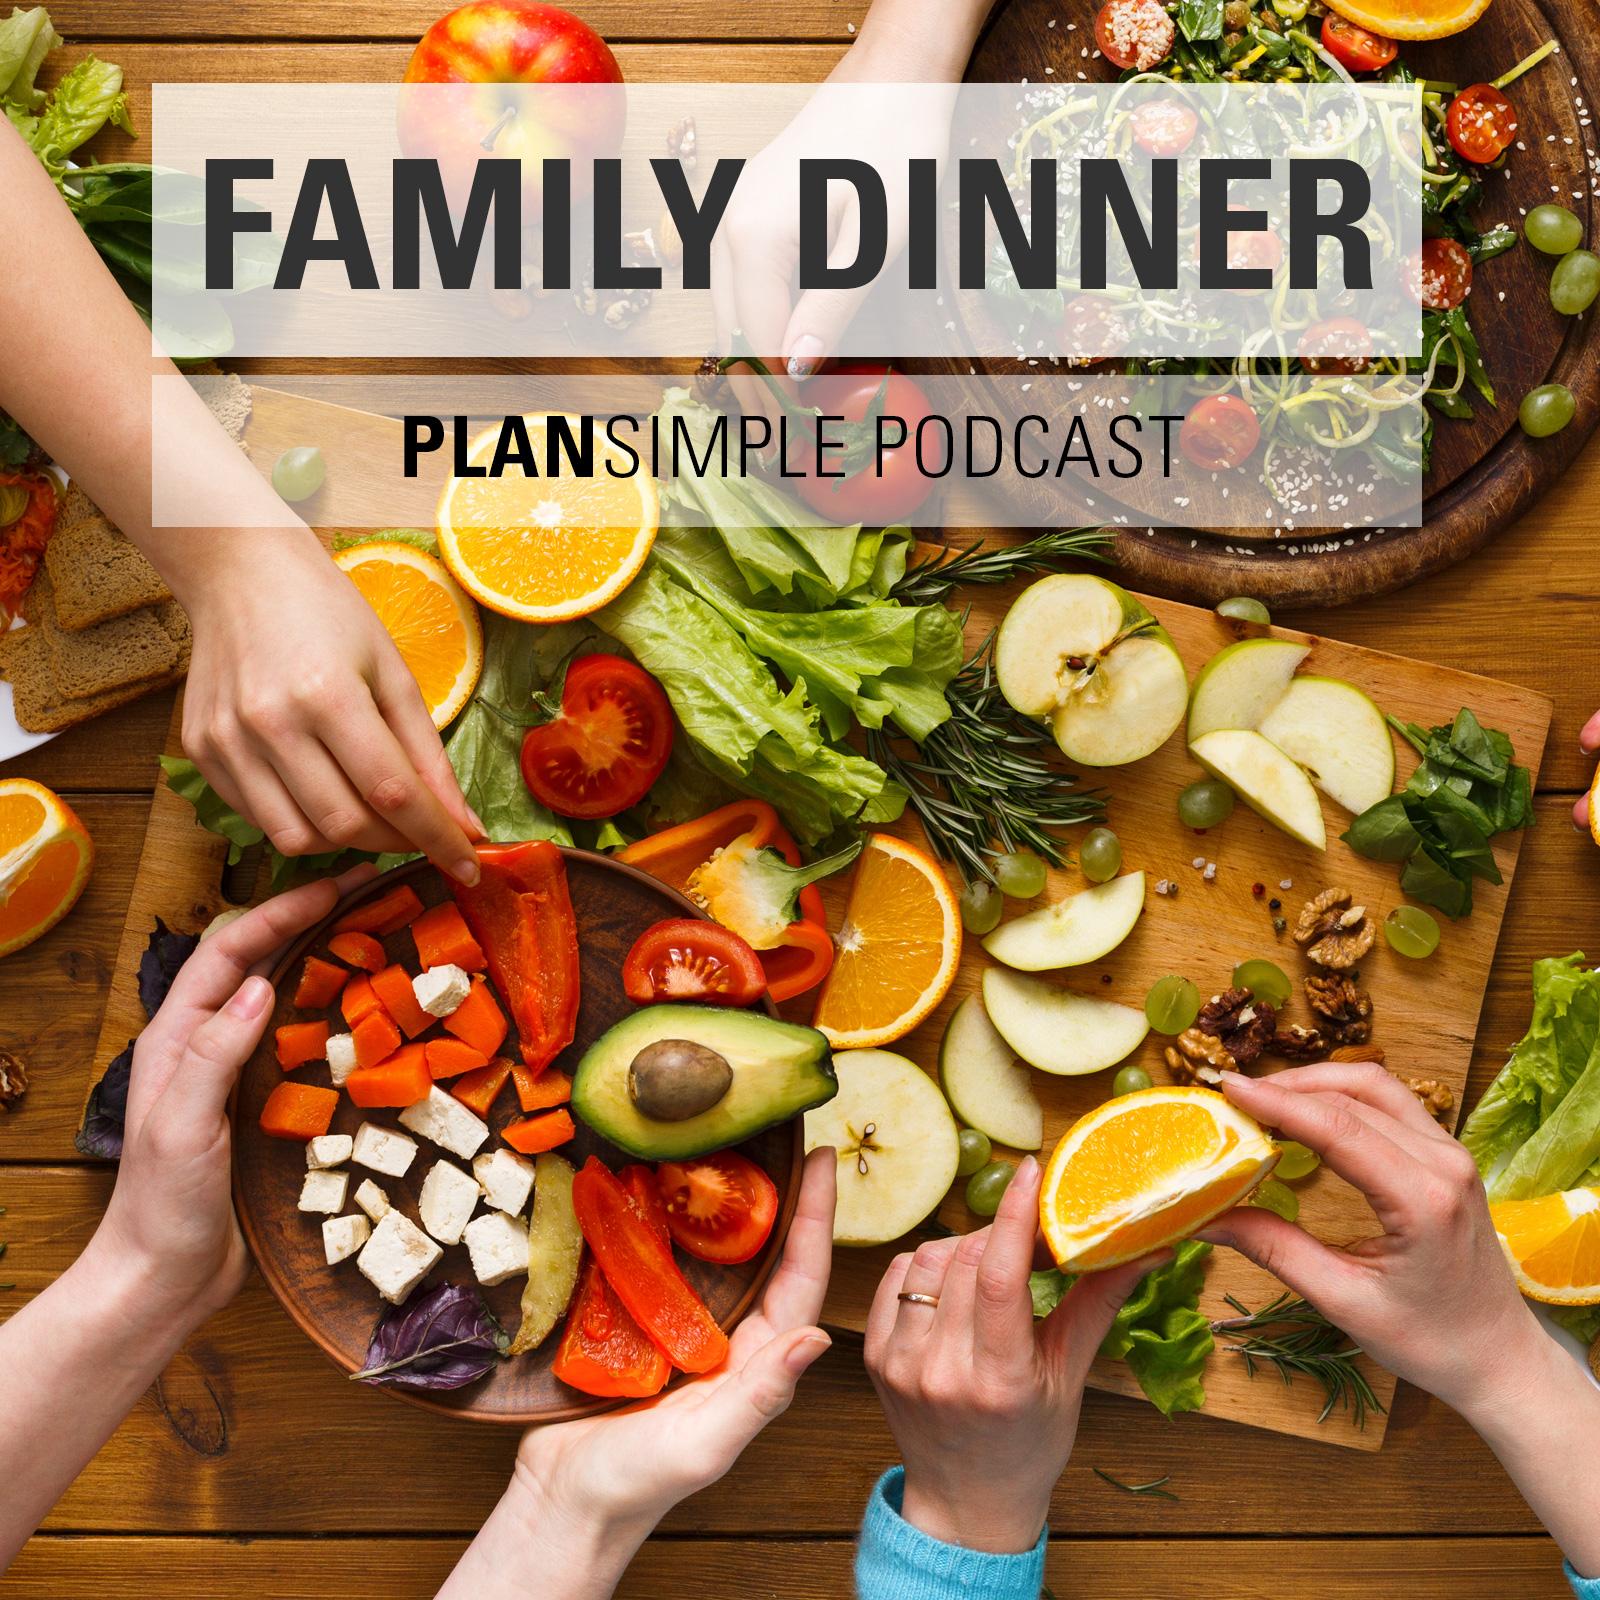 FAMILY DINNER IMAGE